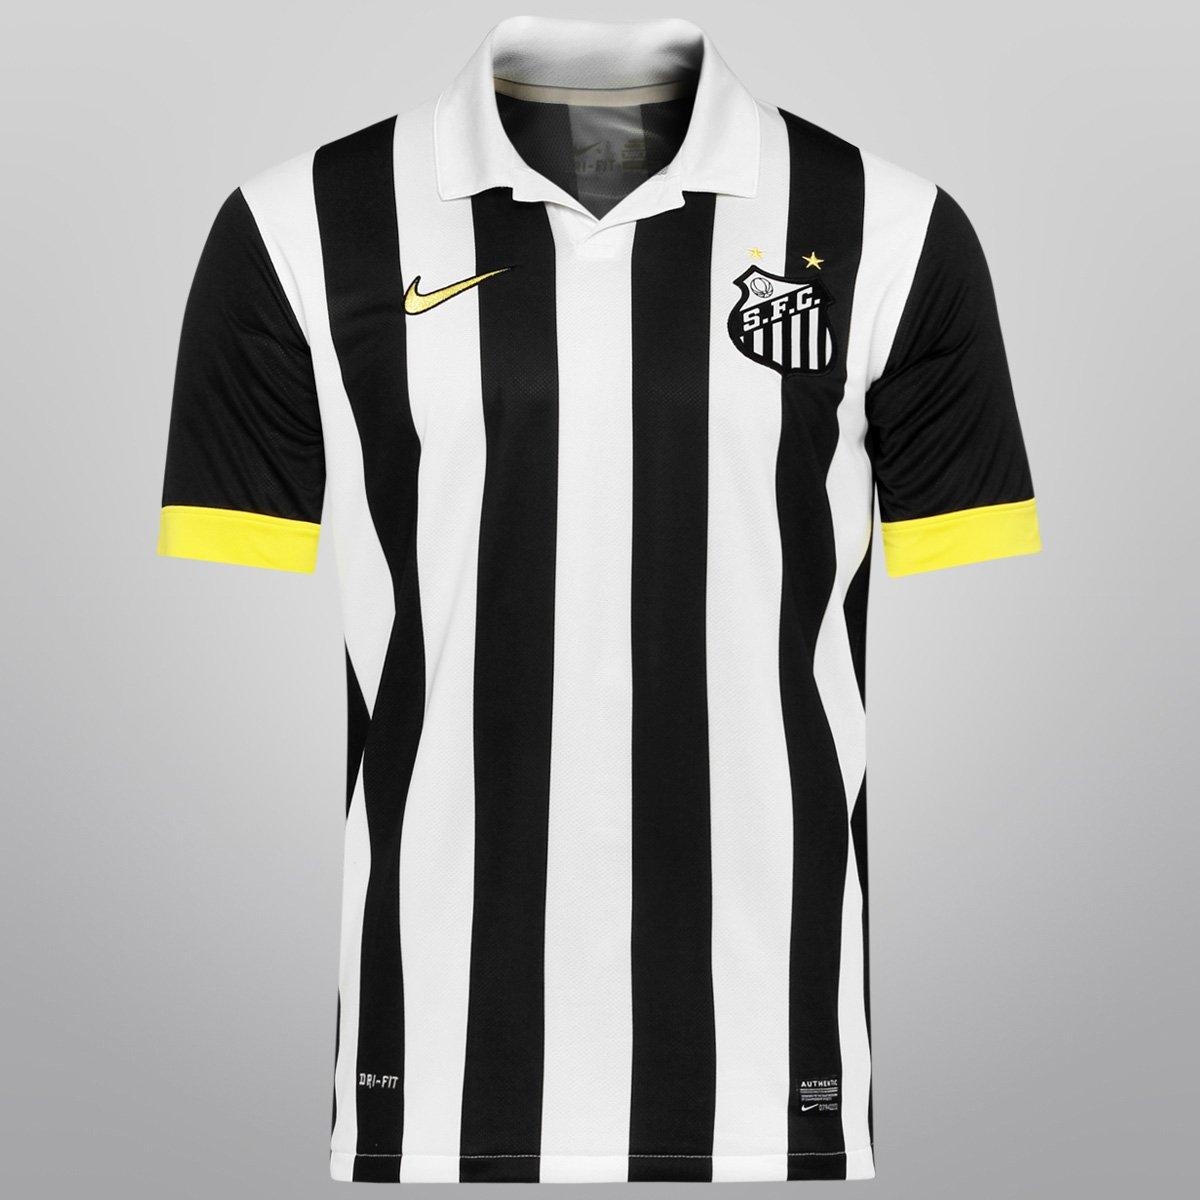 Camisa Nike Santos II 13 14 s nº - Compre Agora  d7815e620f7ae